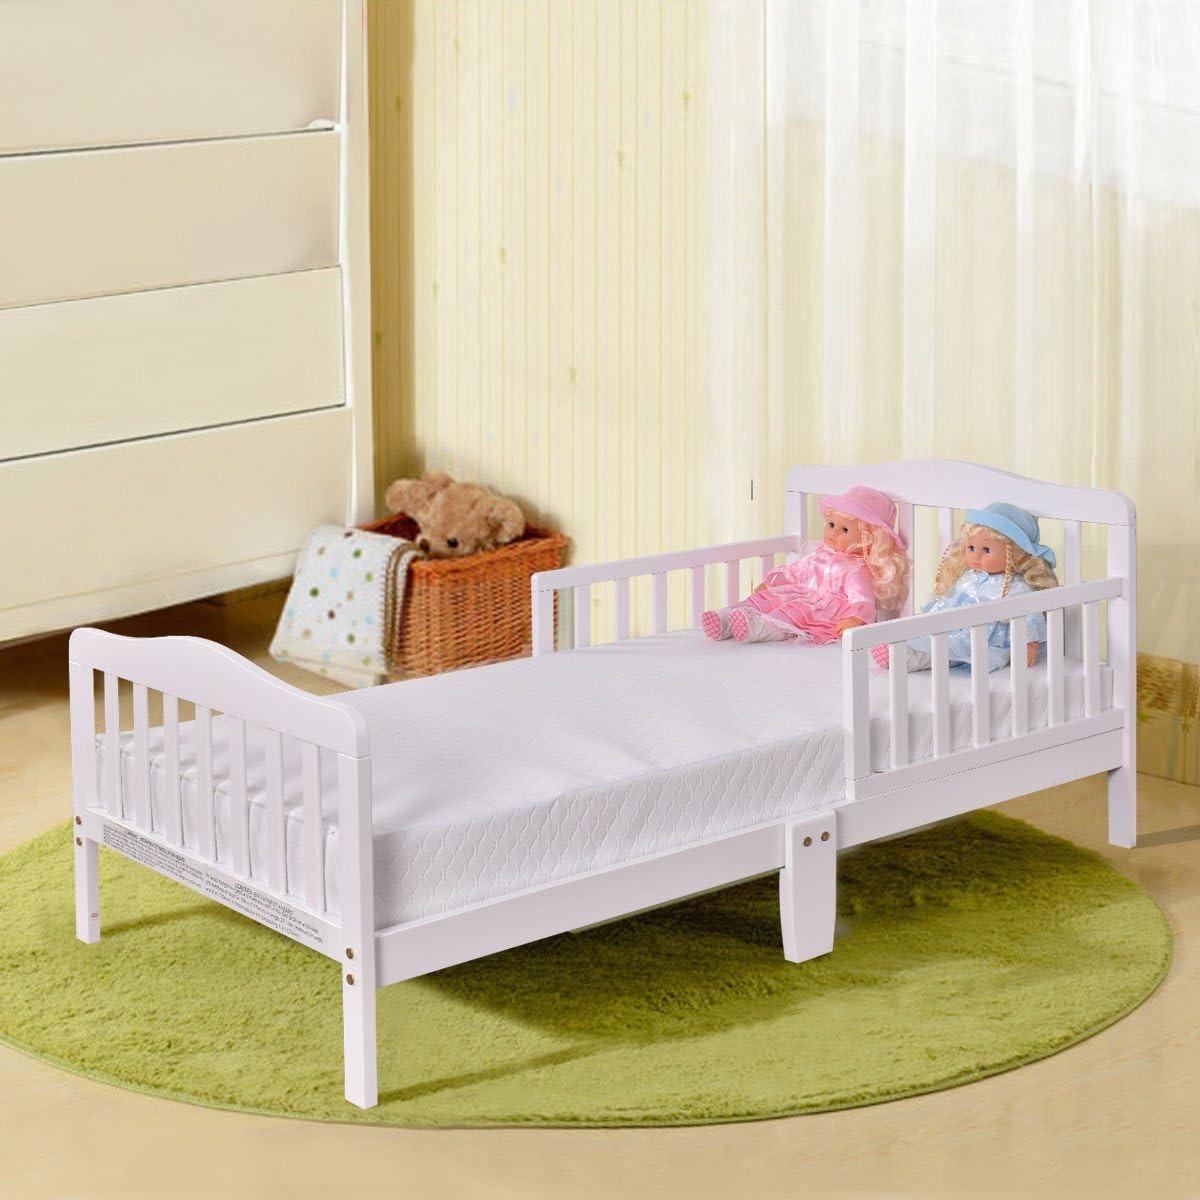 G&GOnline Baby Toddler Bed Kids Children Wood Bedroom Furniture w